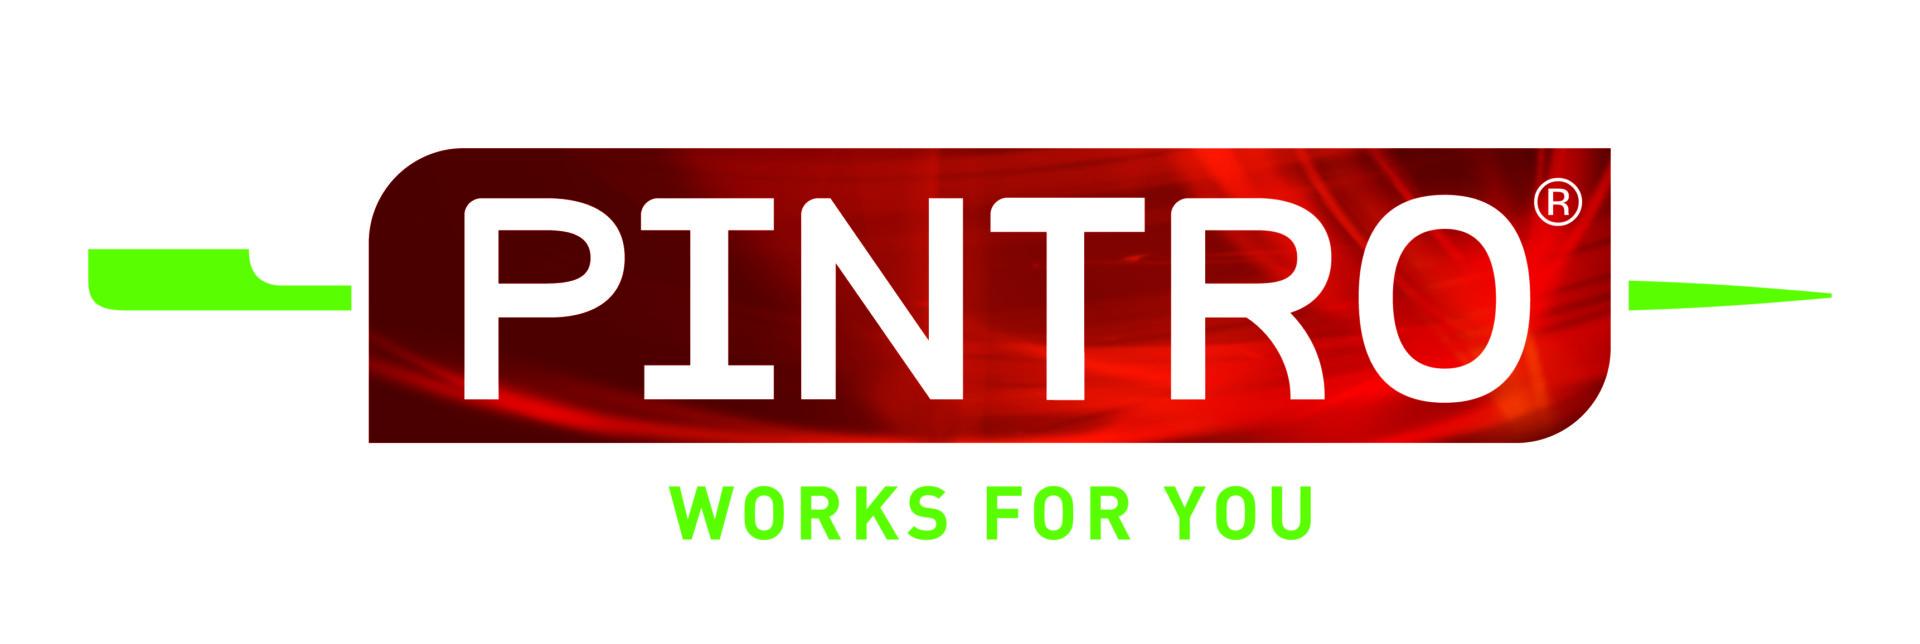 Pintro-logo-wfy-01-50a201-1